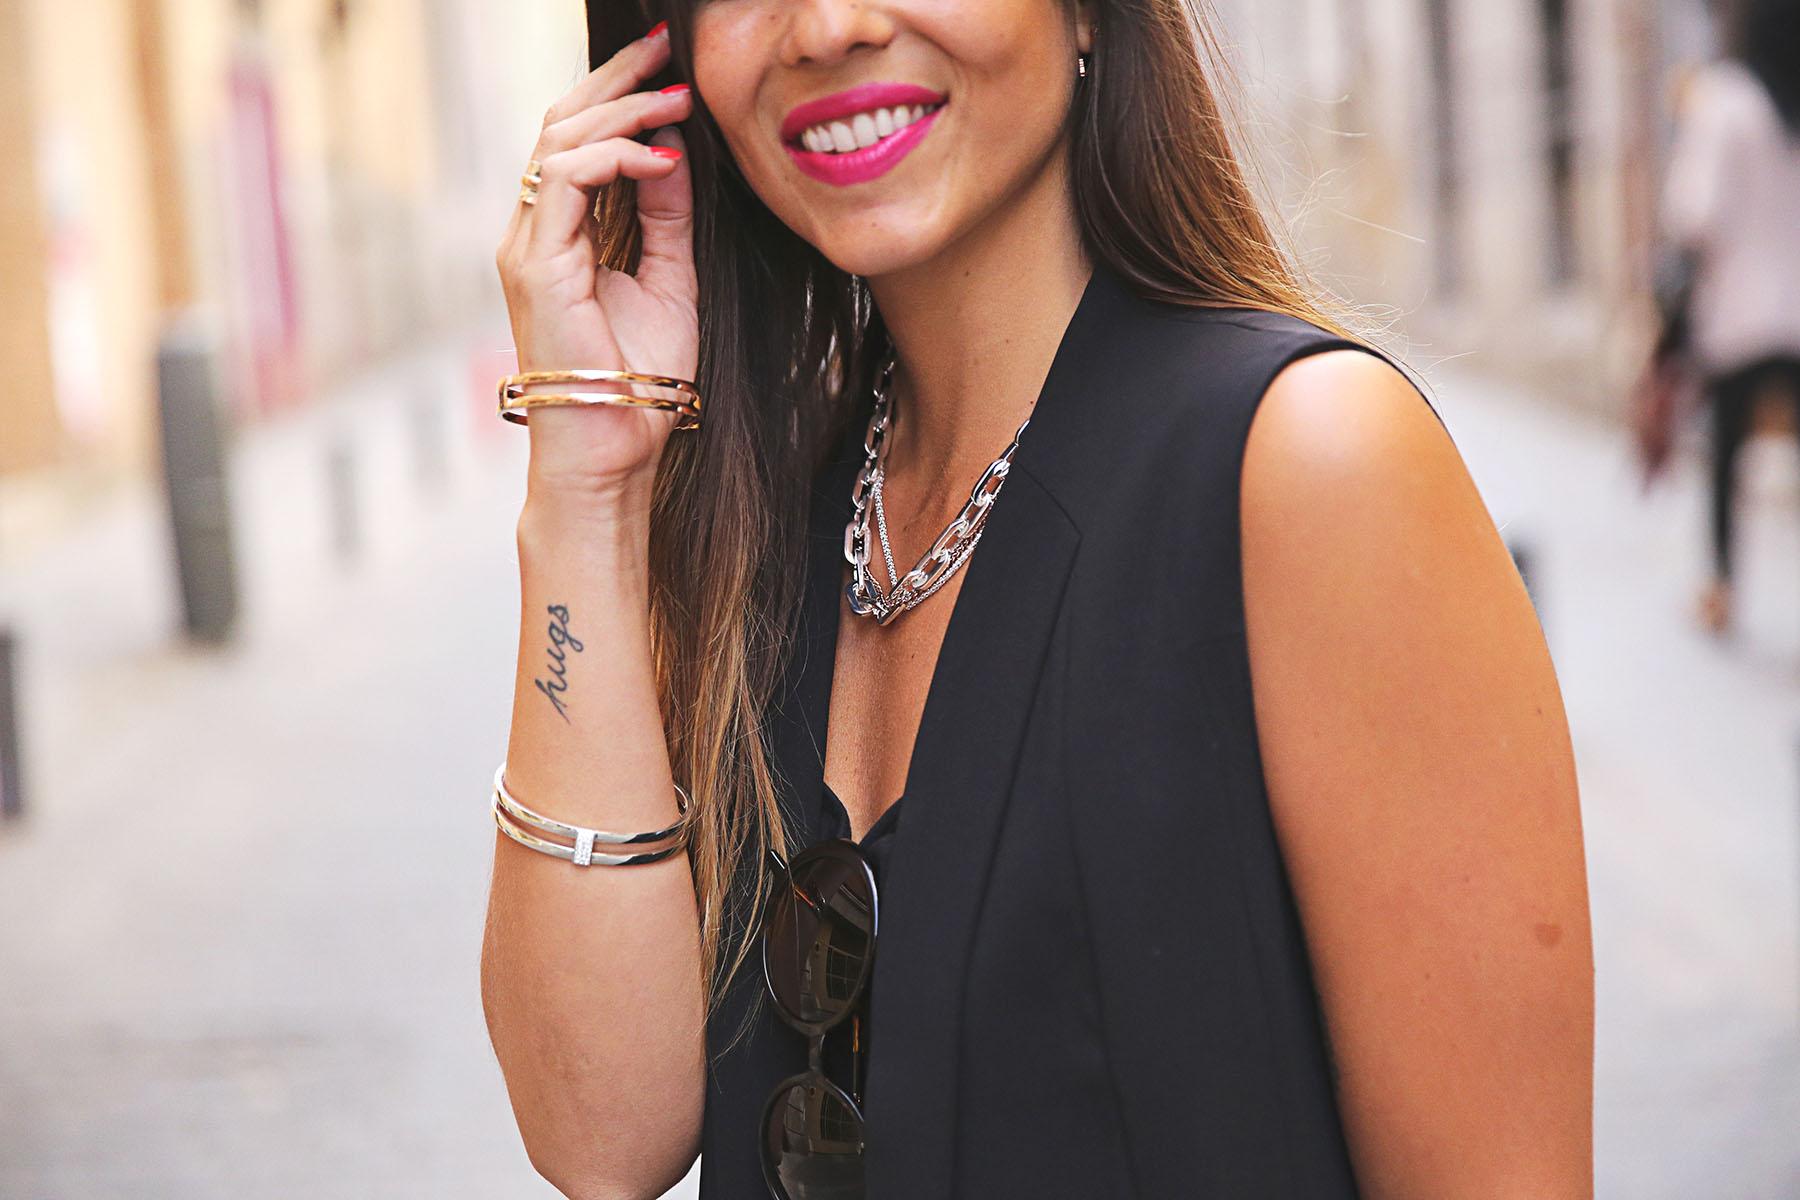 trendy-taste-look-outfit-street-style-ootd-blog-blogger-fashion-spain-moda-españa-leo-print-estiletos-mas34-leather-bag-denim-shorts-vaqueros-rotos-9